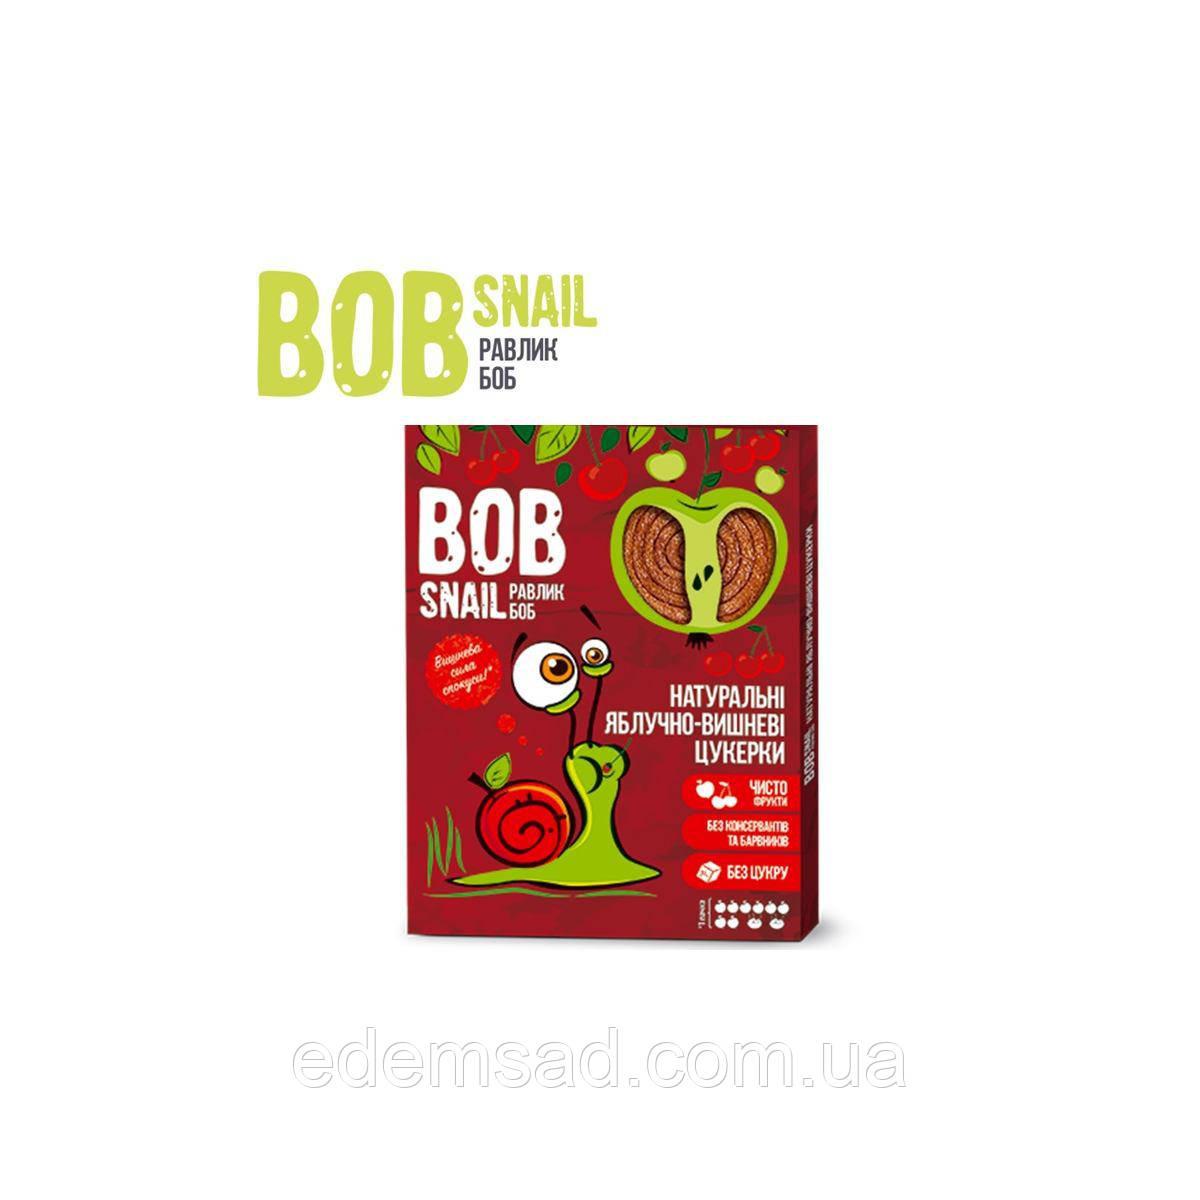 Натуральные конфеты BobSnail с яблоком и вишней, 60г